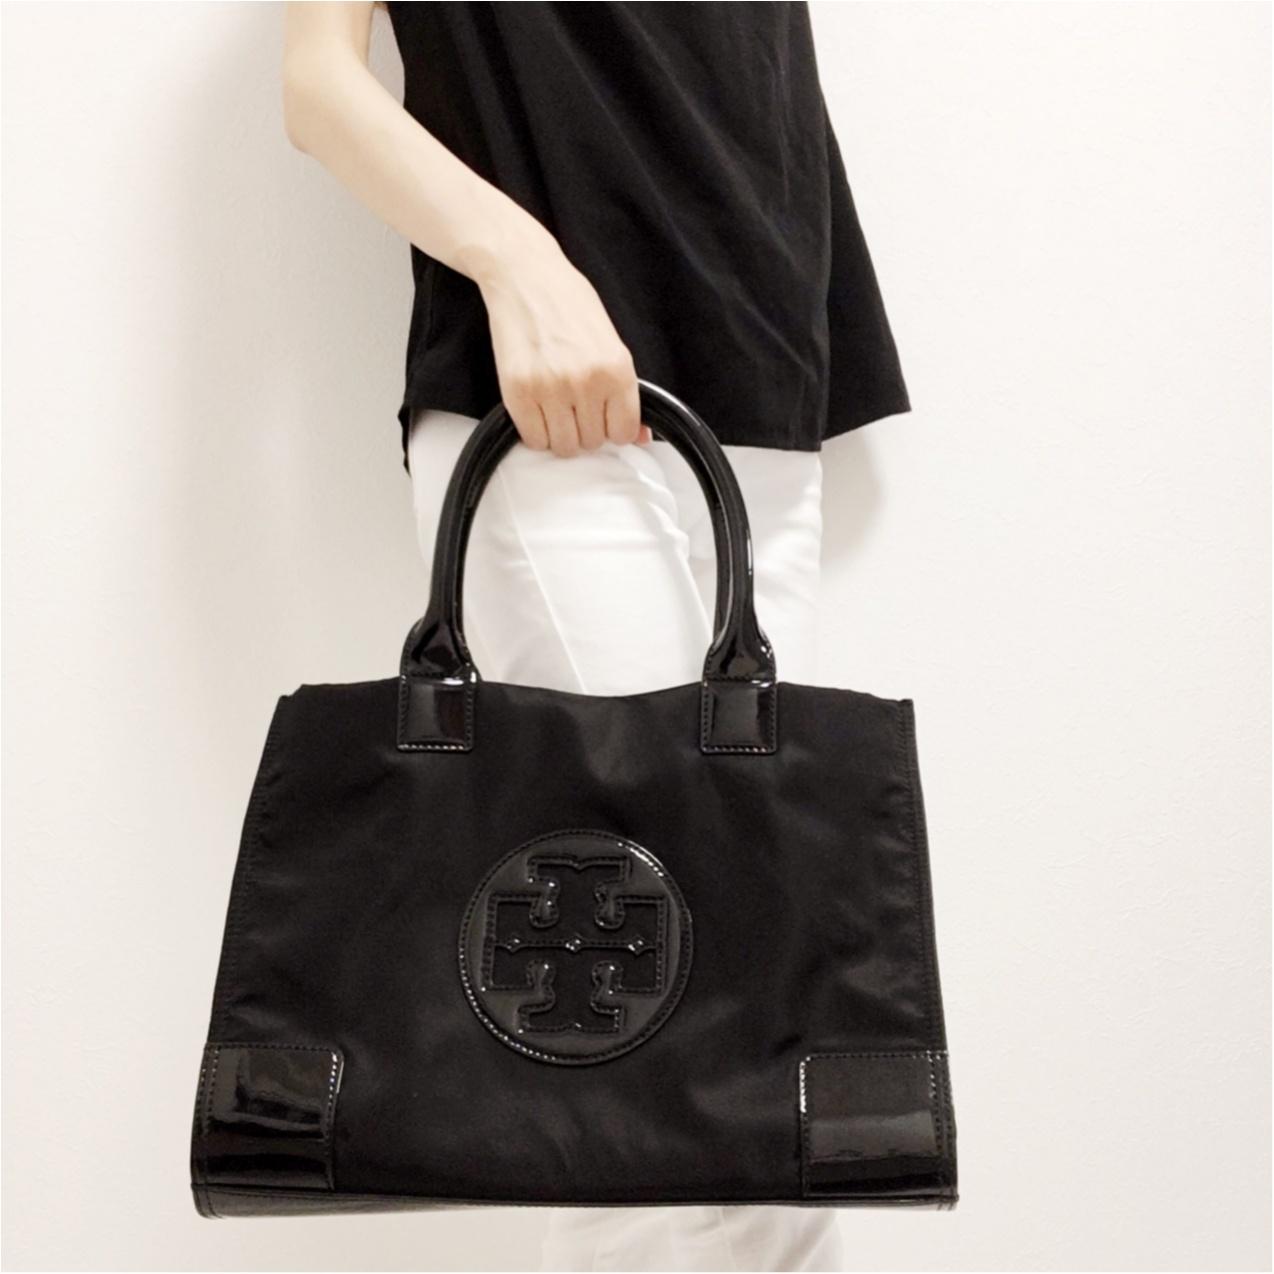 お仕事バッグ♡ シンプルでかわいいバッグ買っちゃいました ♡_5